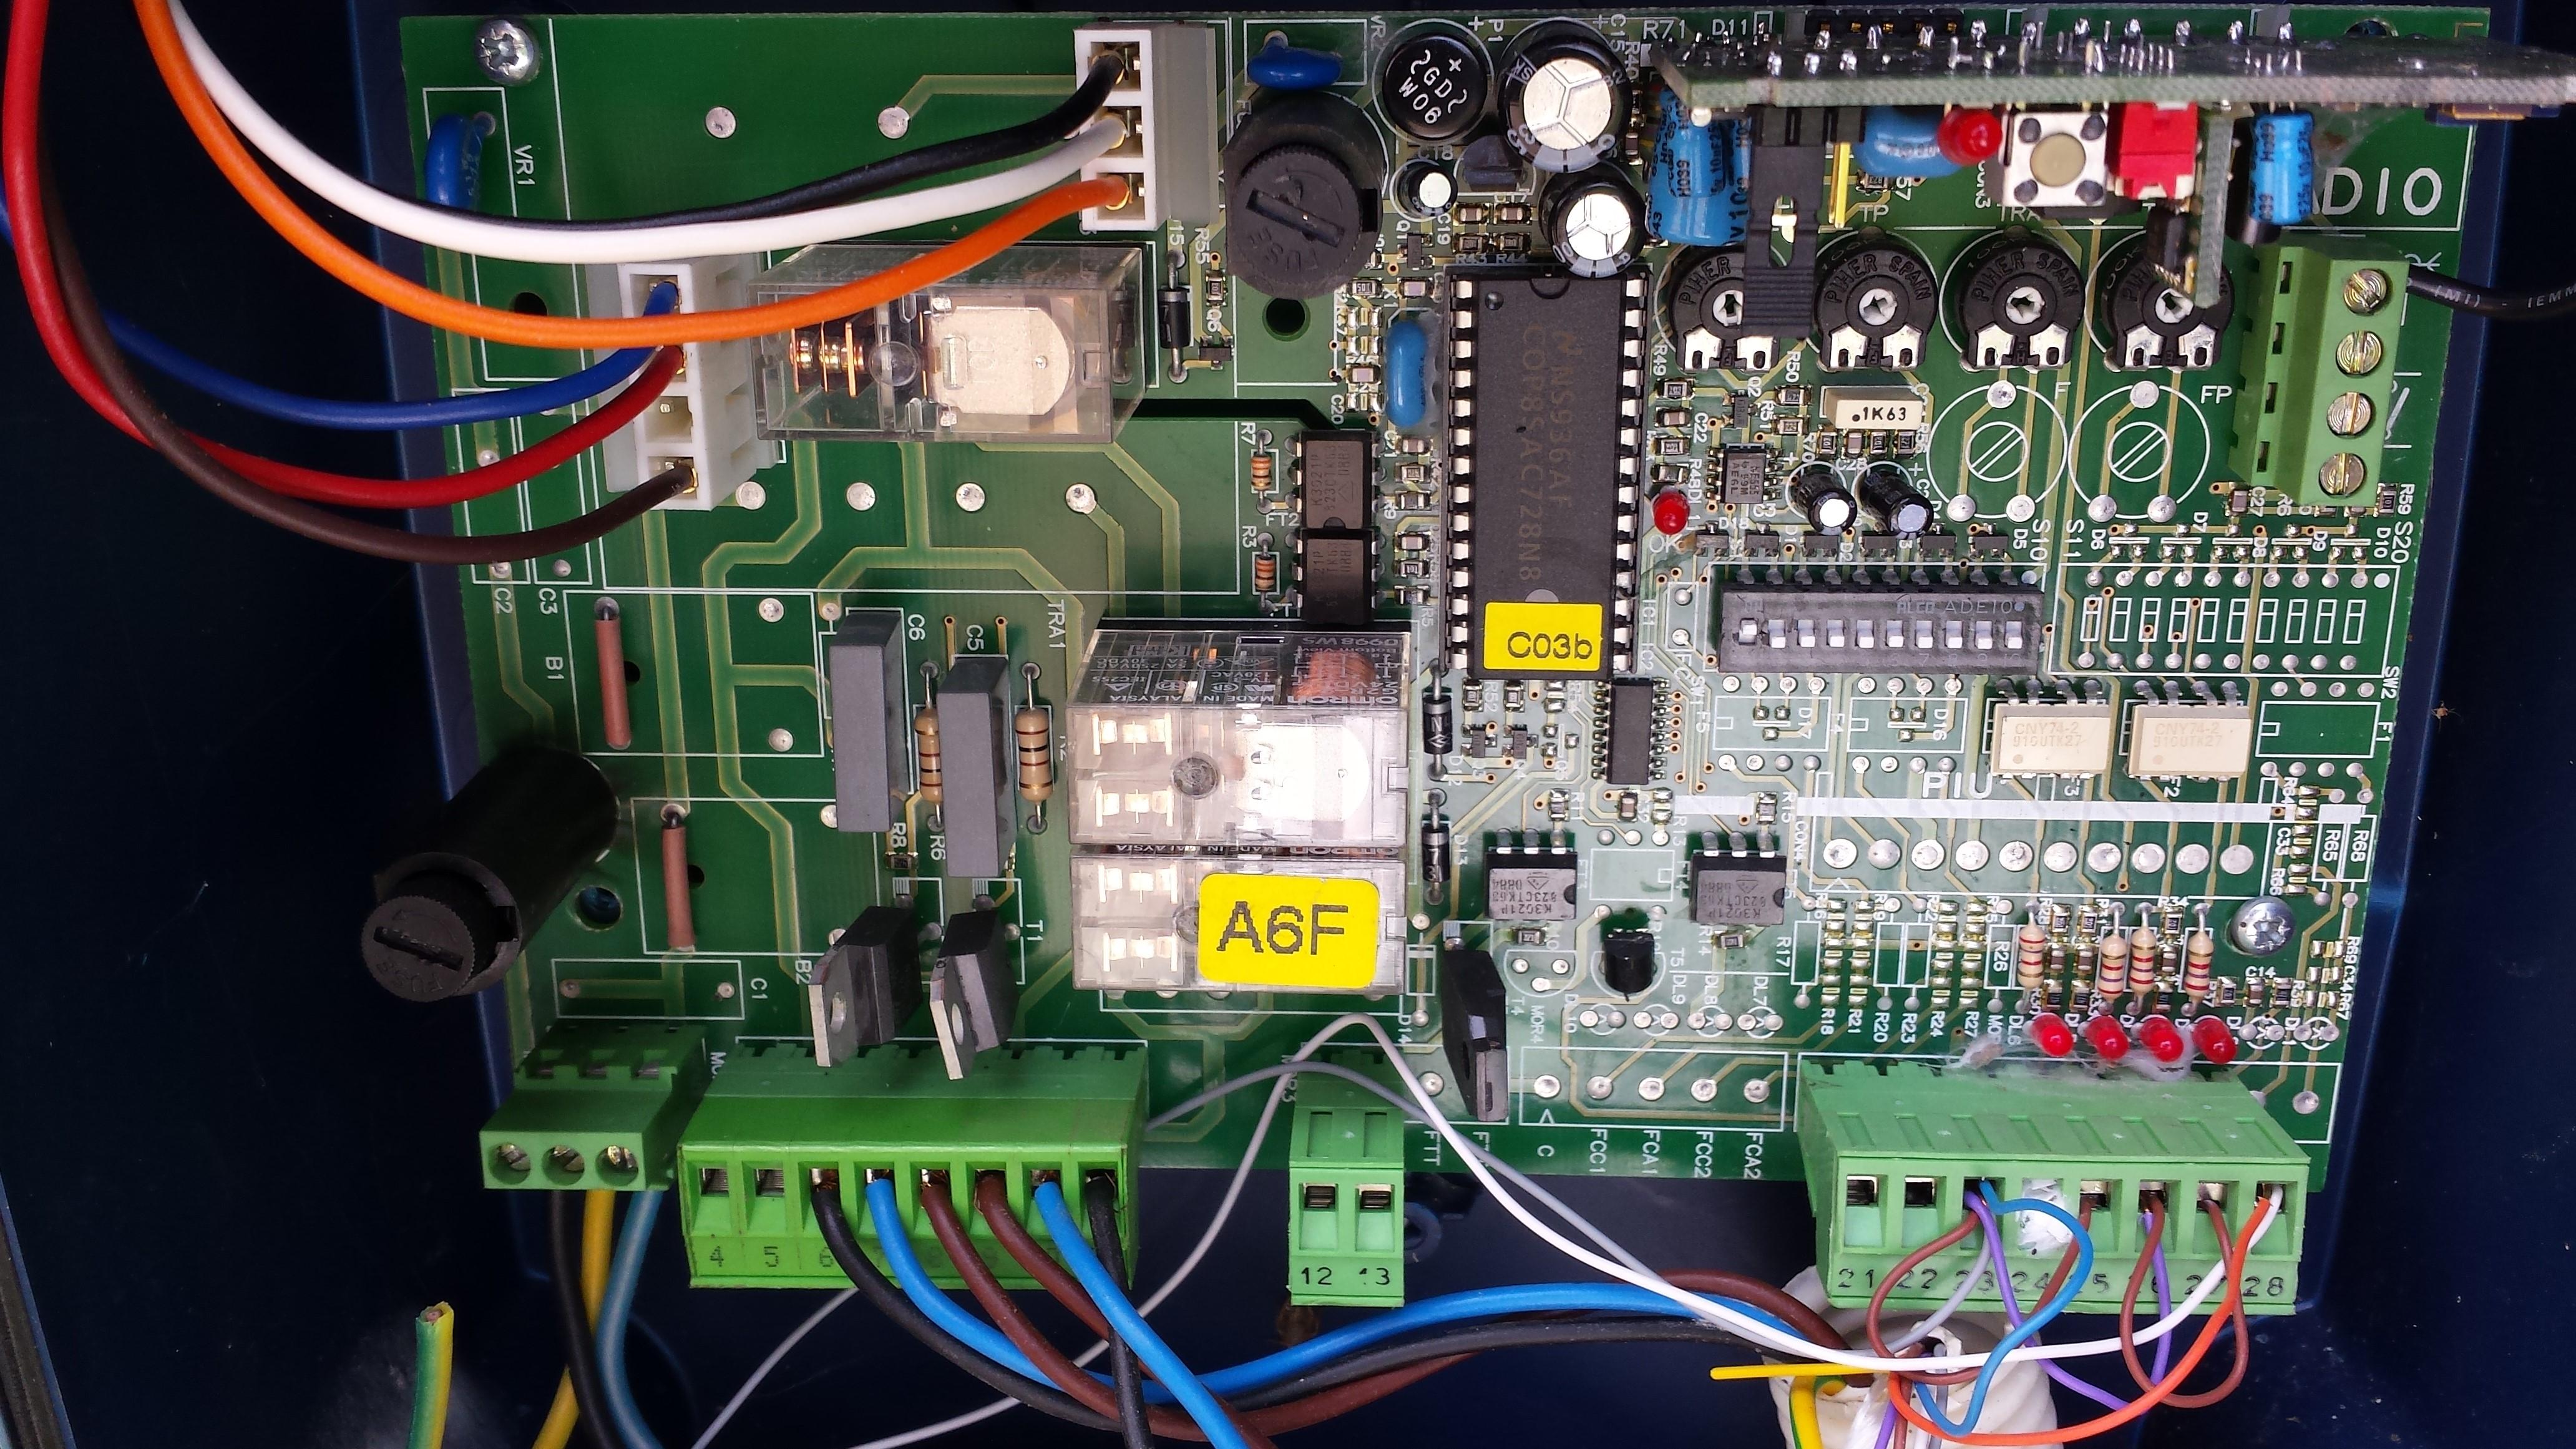 Branchement r cepteur ext rieur rts somfy sur motorisation de portail battant - Somfy volet battant electrique ...